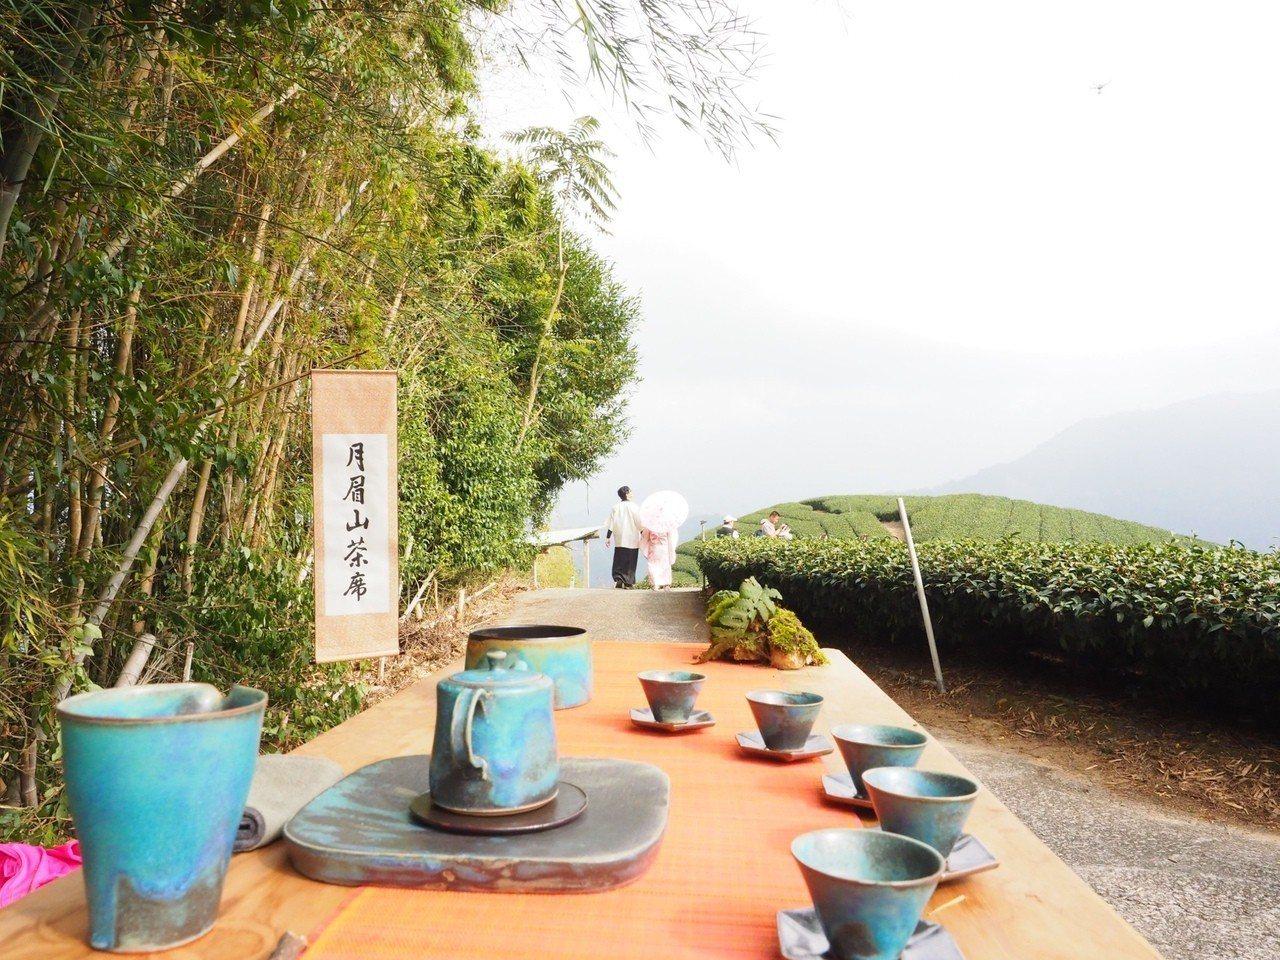 品嚐阿里山優質高山茶迎接新年。圖/阿里山國家風景區管理處提供